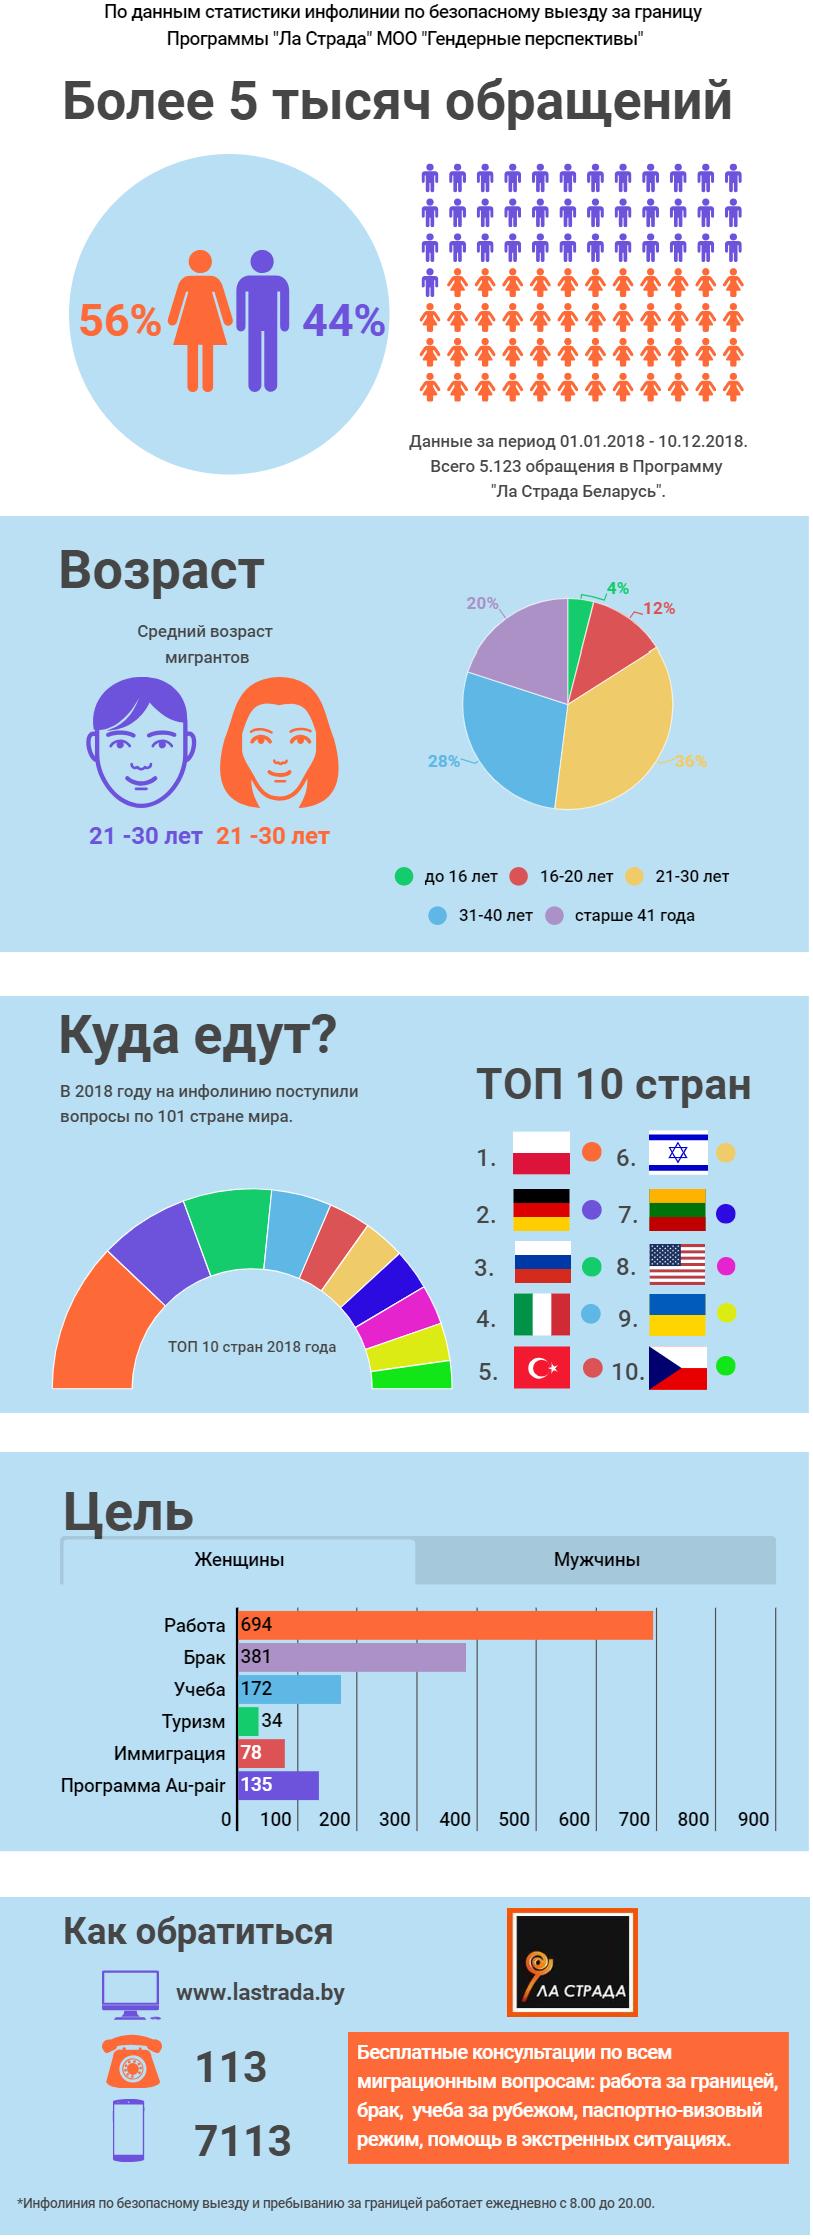 Белорусские мигранты - 2018: рейтинг стран выезда. Портрет белорусского мигранта